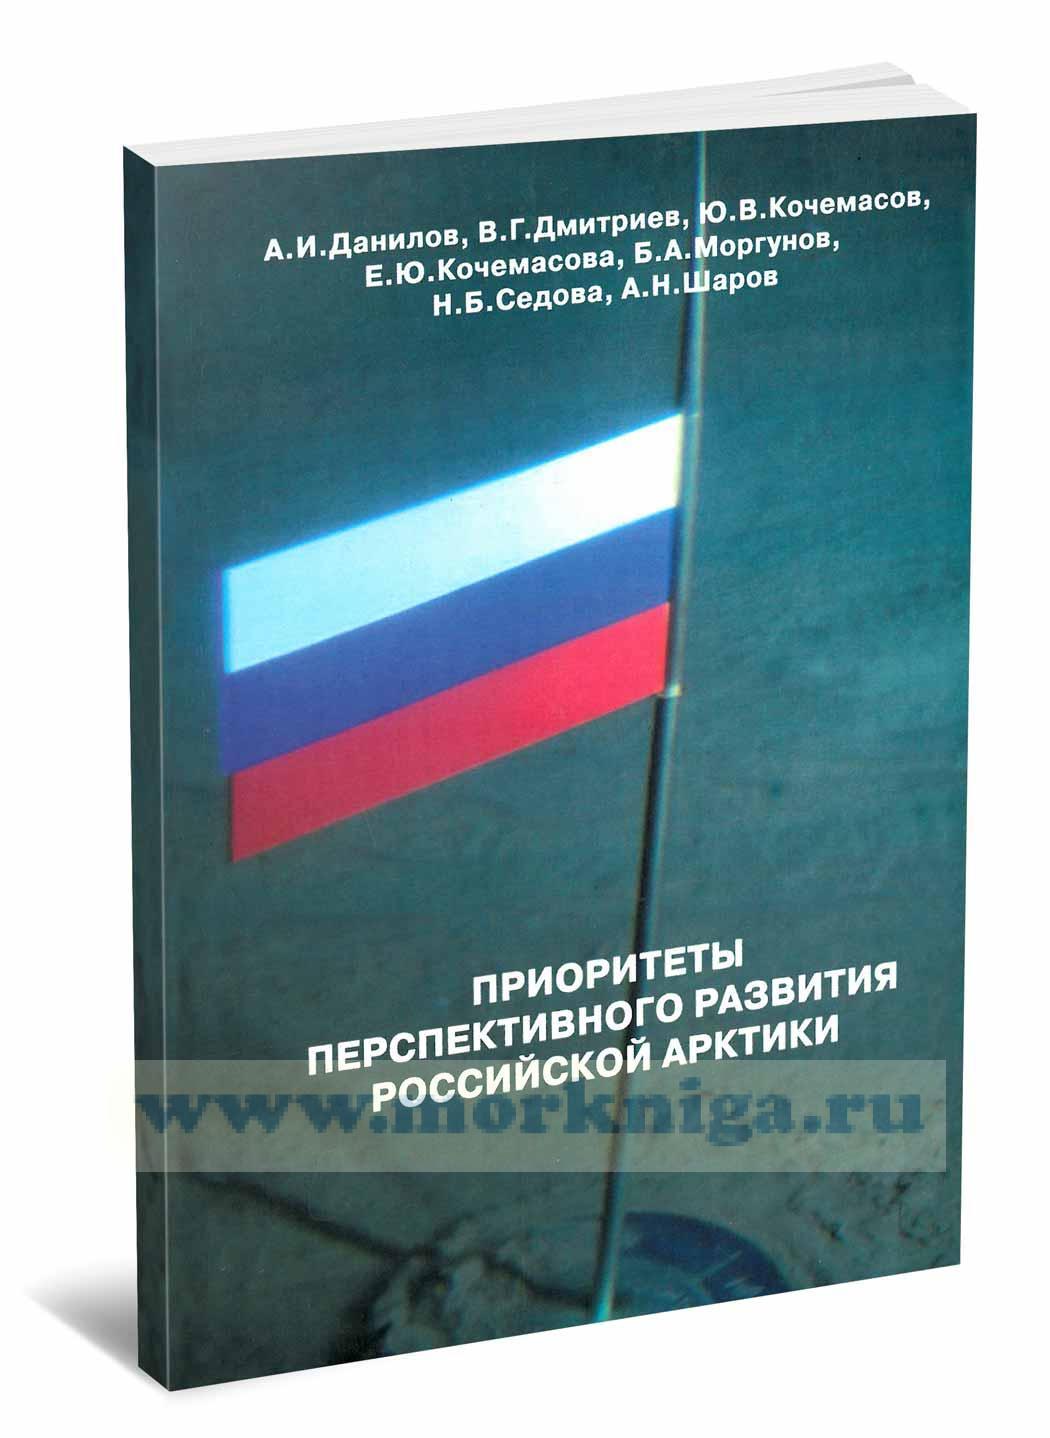 Приоритеты перспективного развития российской Арктики